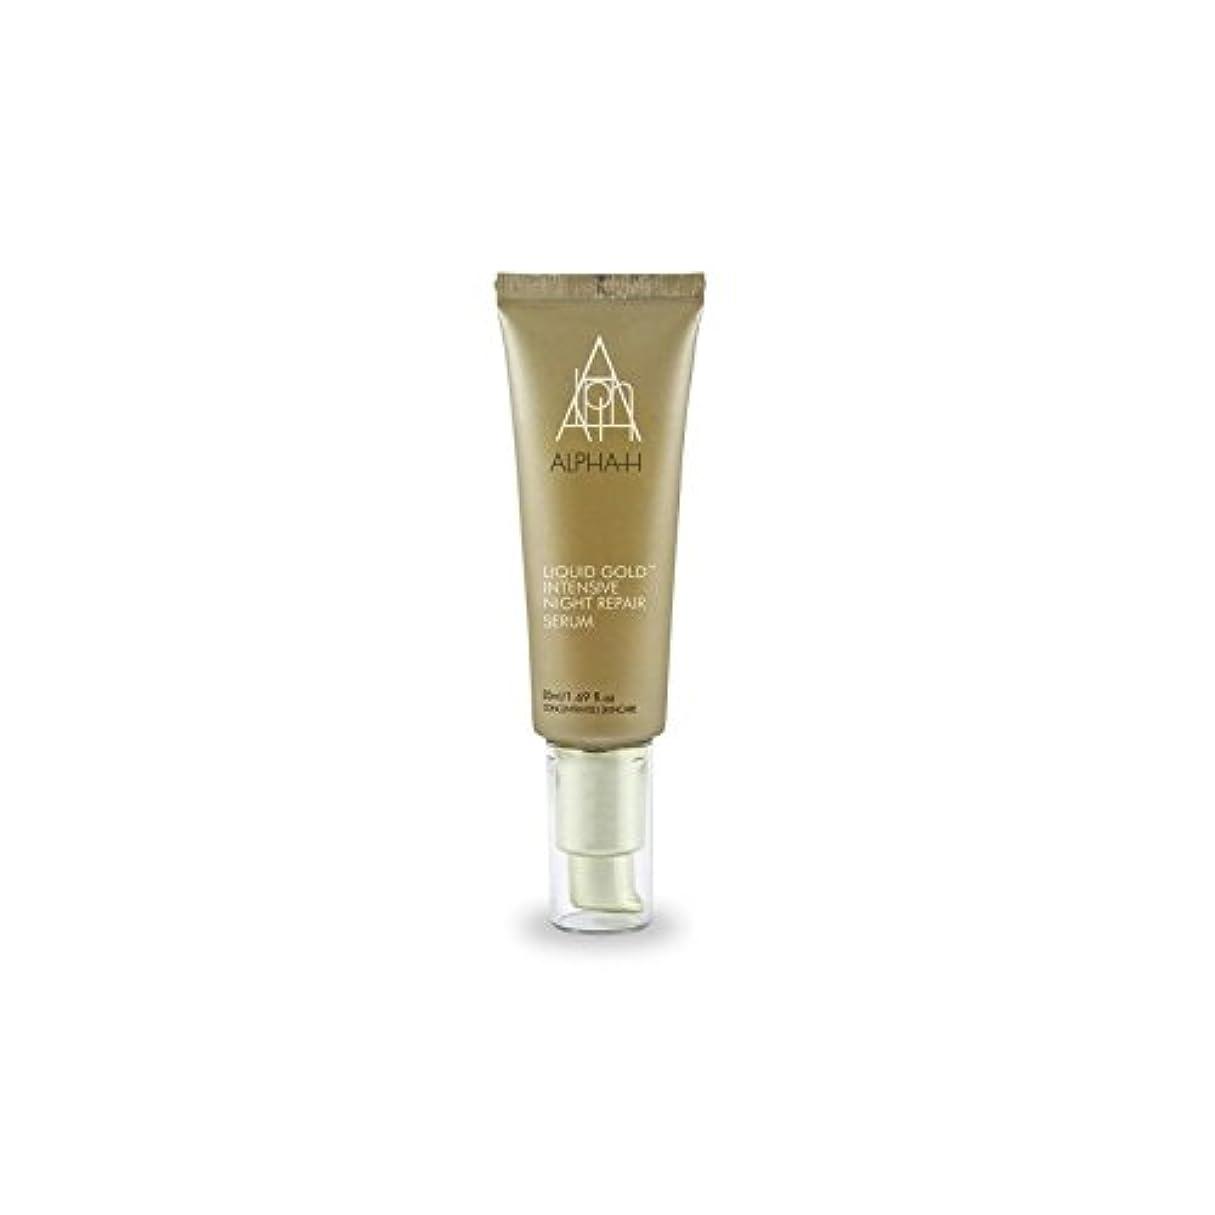 置くためにパック堀ダルセットアルファ時間の液体の金の集中夜の修理血清(50ミリリットル) x2 - Alpha-H Liquid Gold Intensive Night Repair Serum (50ml) (Pack of 2) [並行輸入品]